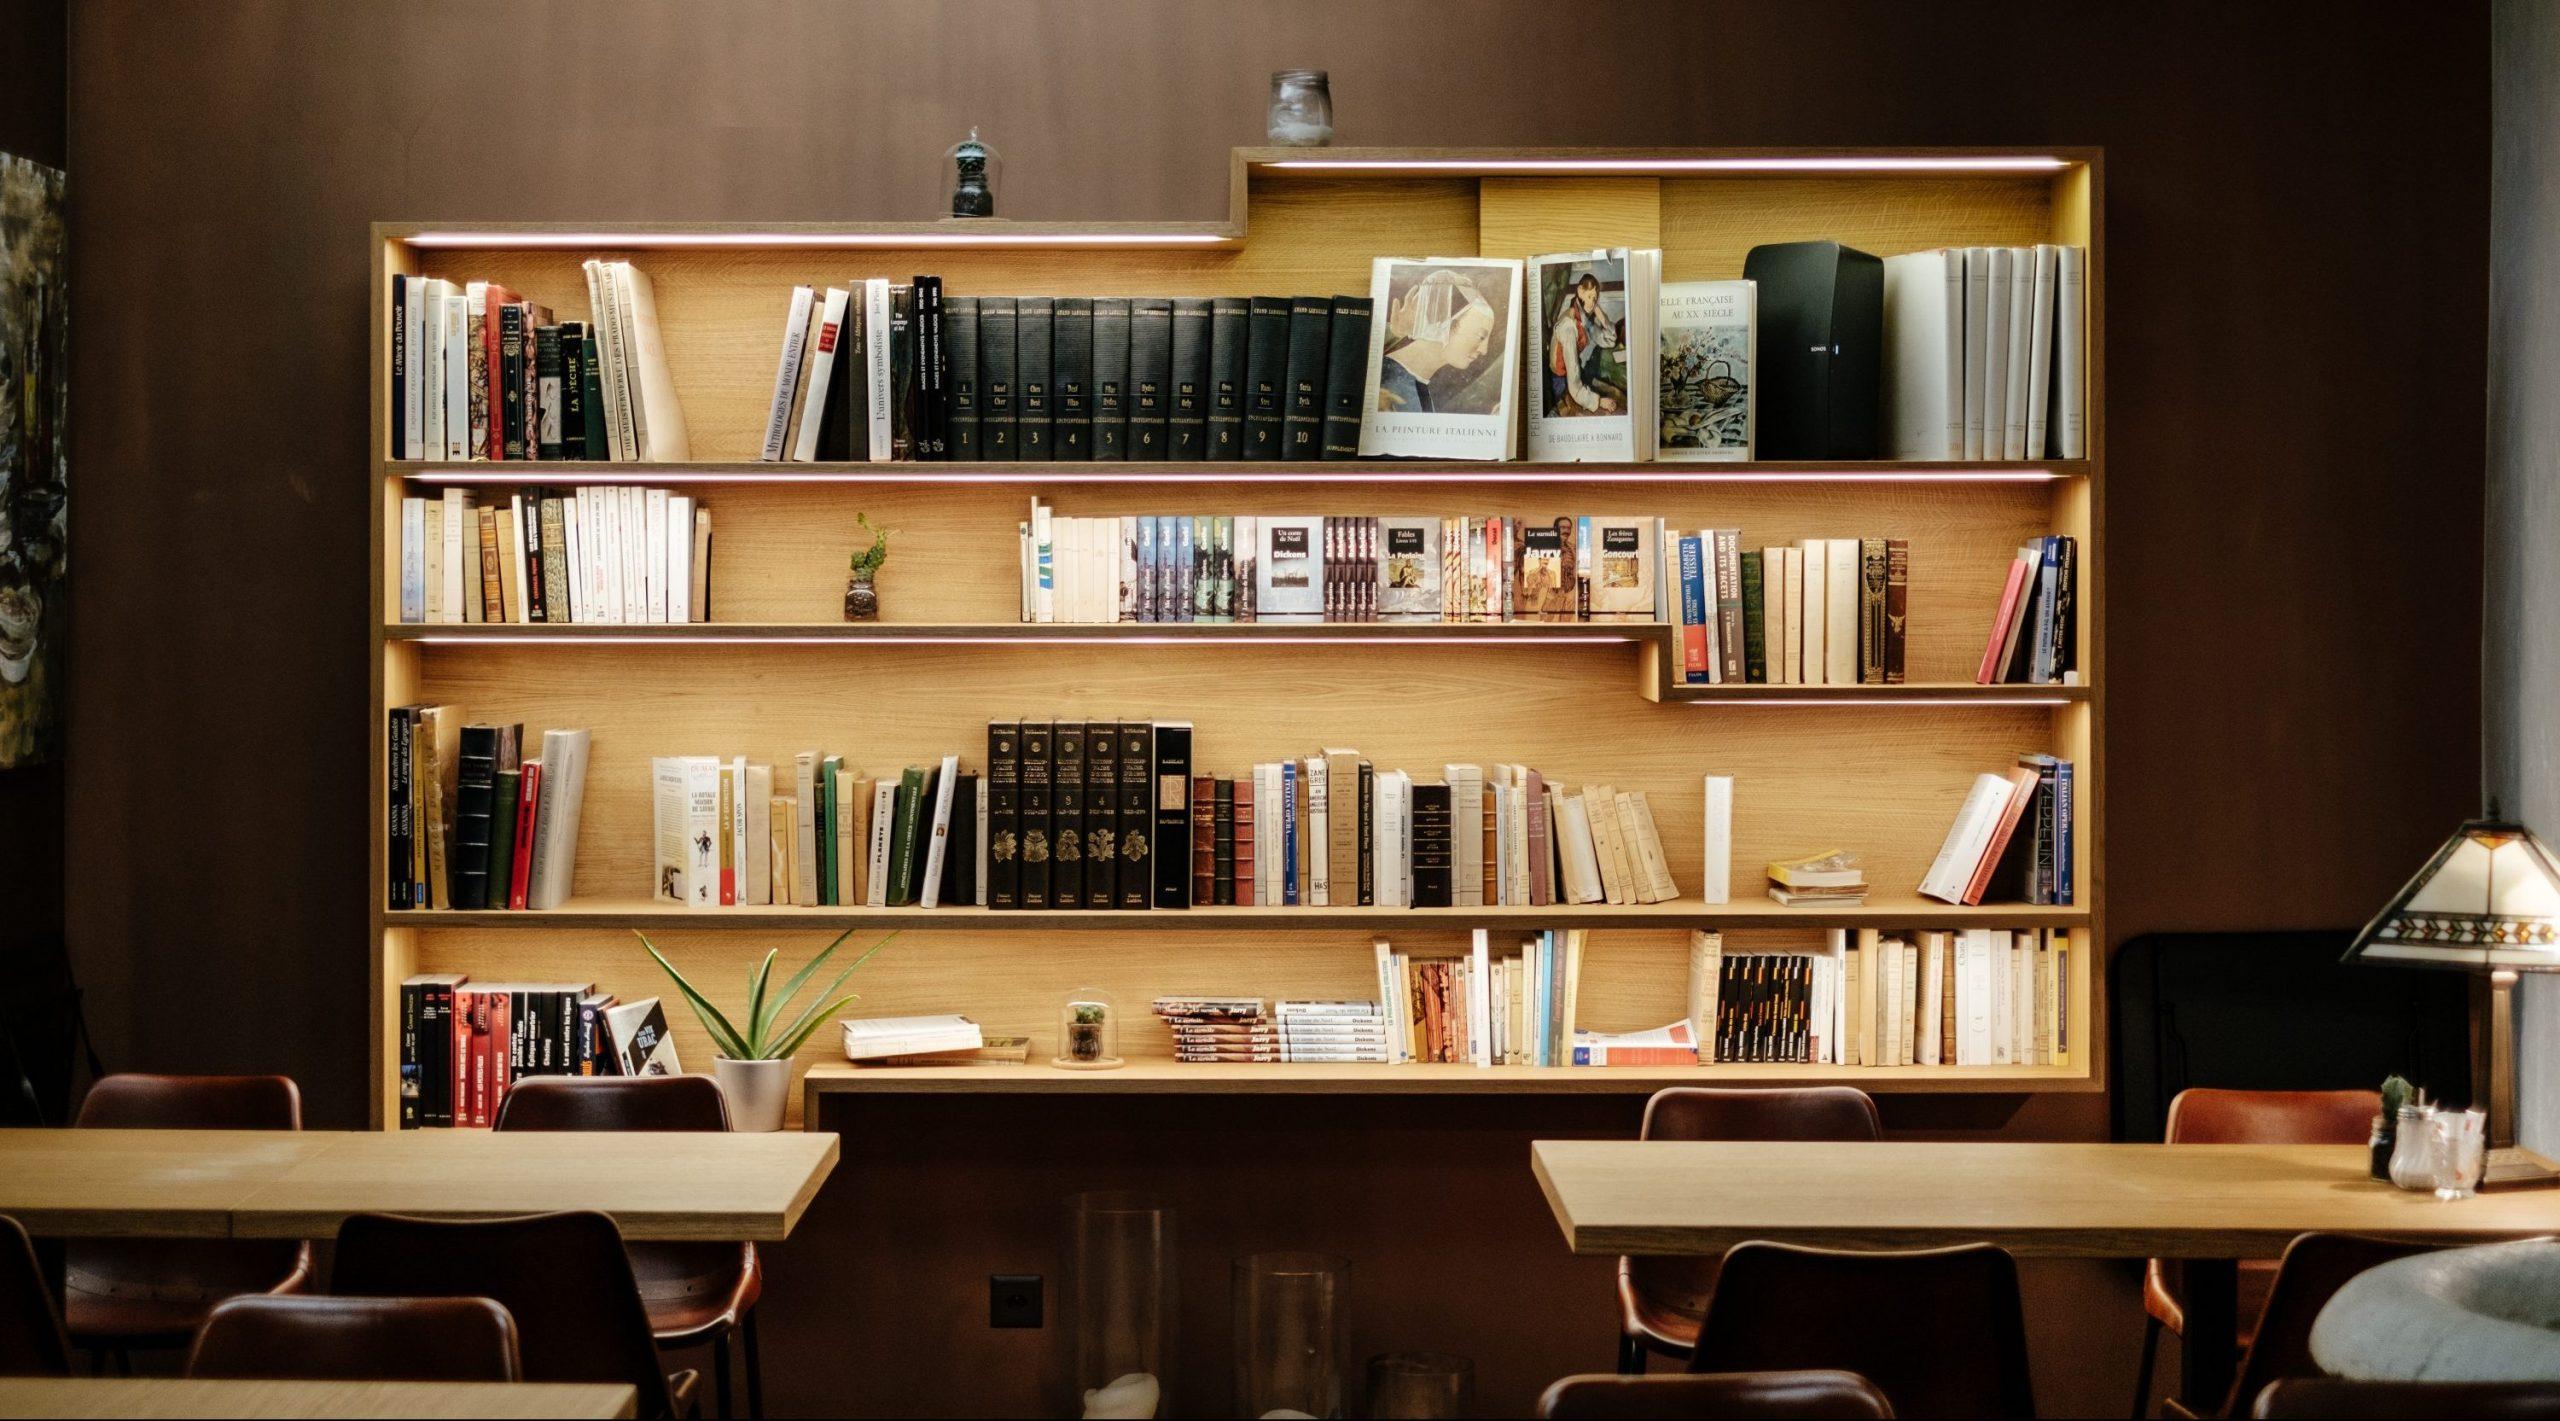 furniture photo by samuel-zeller on unsplash